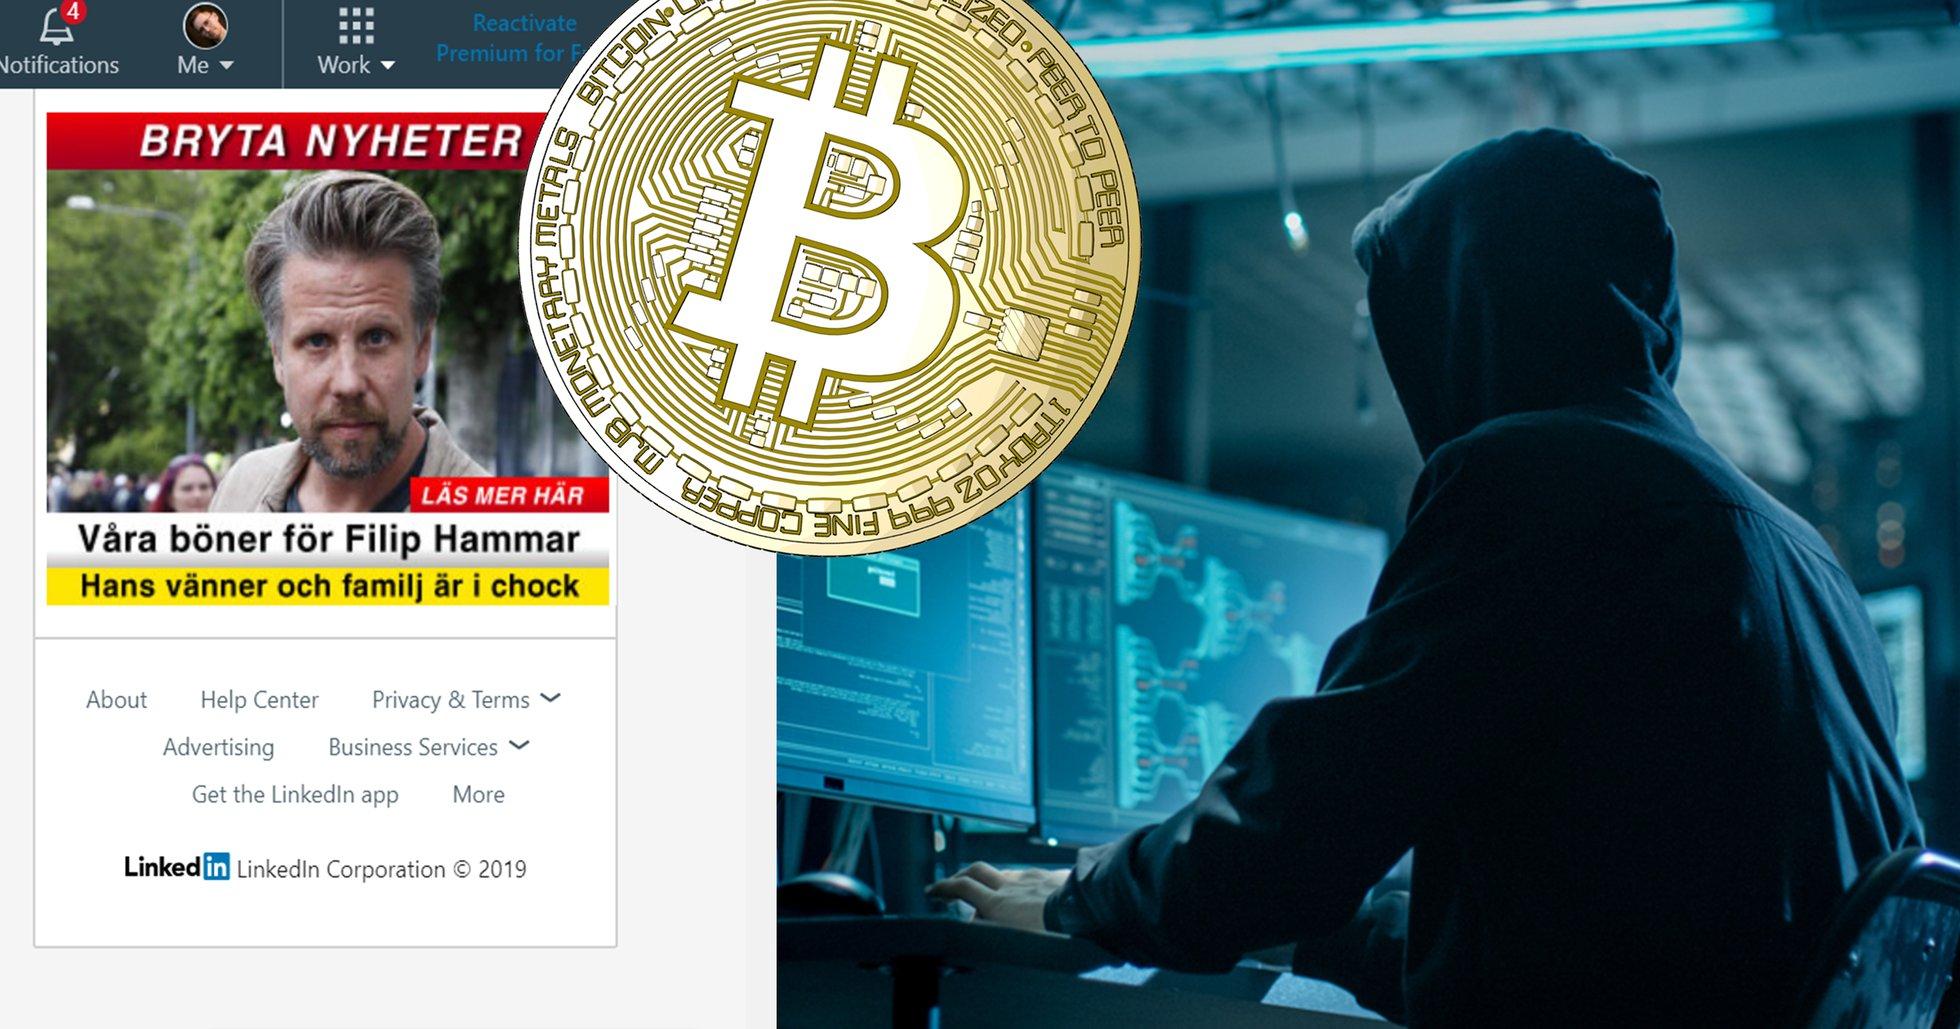 Nu har bedrägeriet Bitcoin Revolution spridit sig till Linkedin